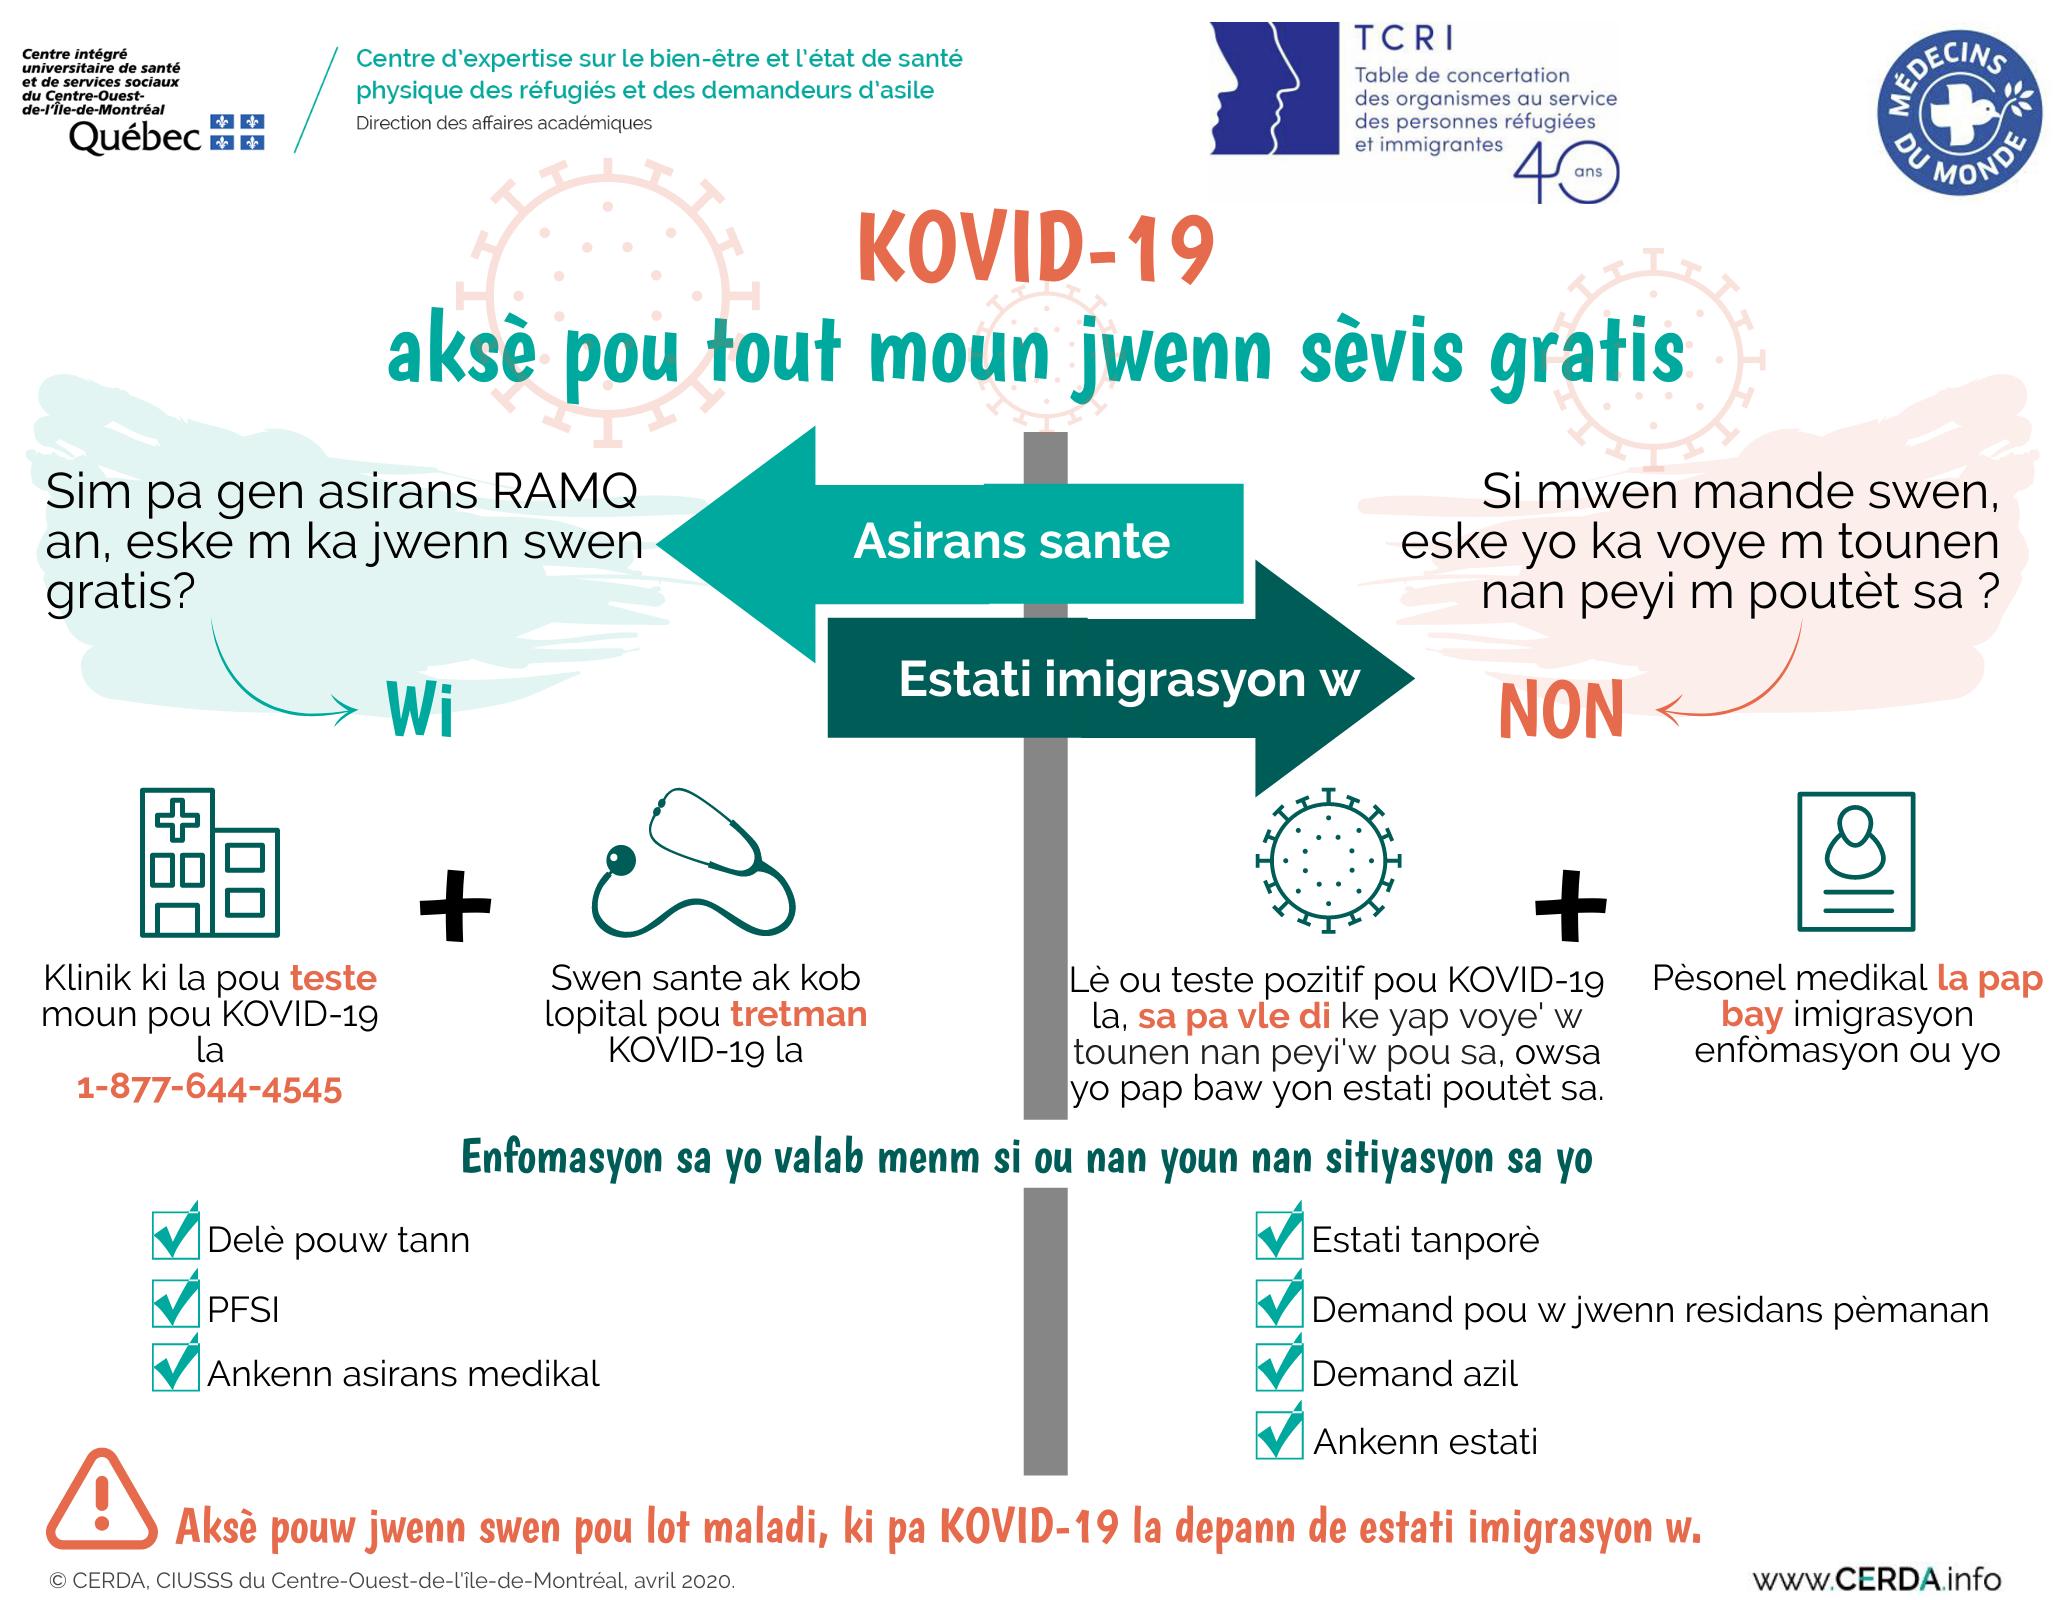 INFO - COVID-19 : Accès aux services sans frais et pour tous - Créole haïtien